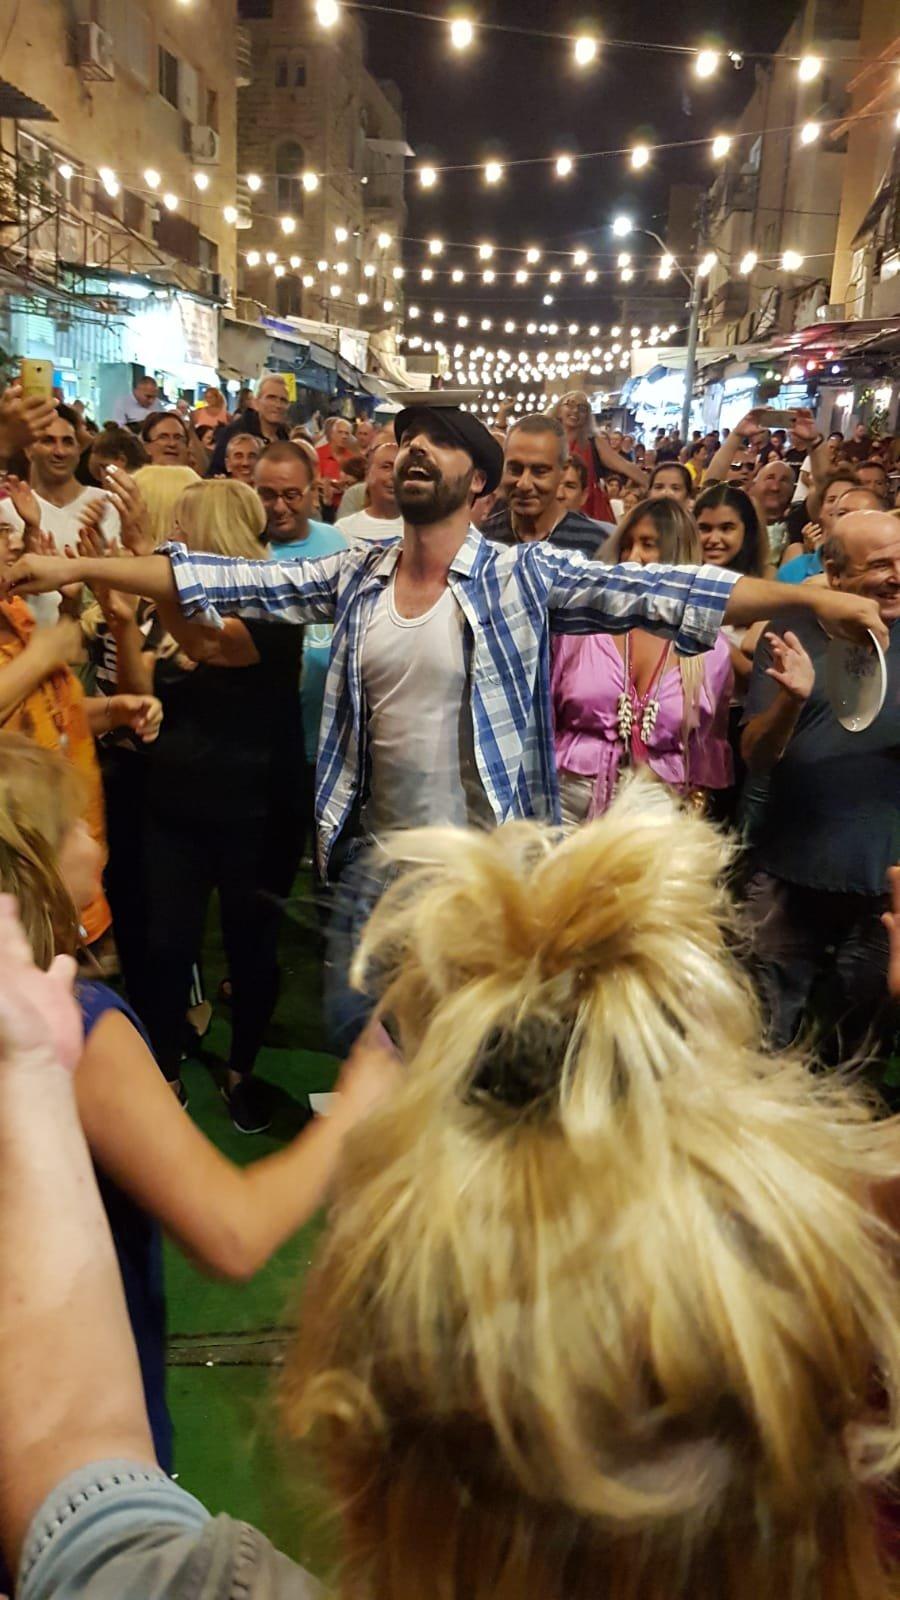 حفلات تافيرن يونانية في سوق تلبيوت في حيفا